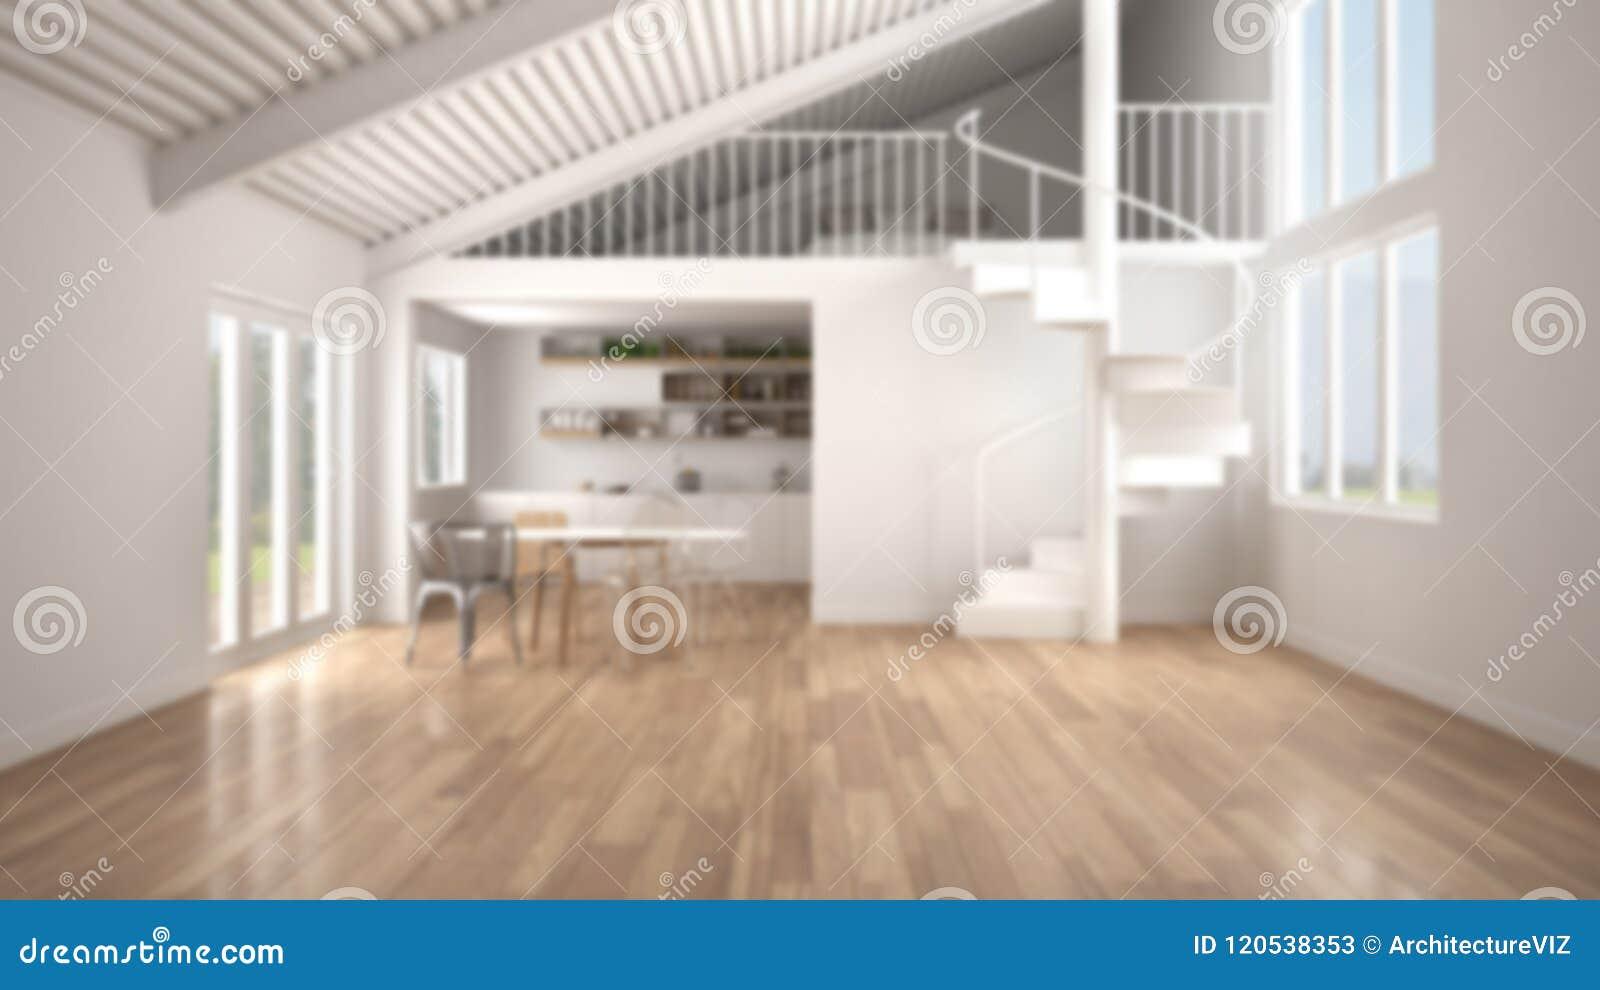 Brouillez le fond, la cuisine de l espace ouvert et blanche minimaliste avec la mezzanine et l escalier en spirale moderne, greni